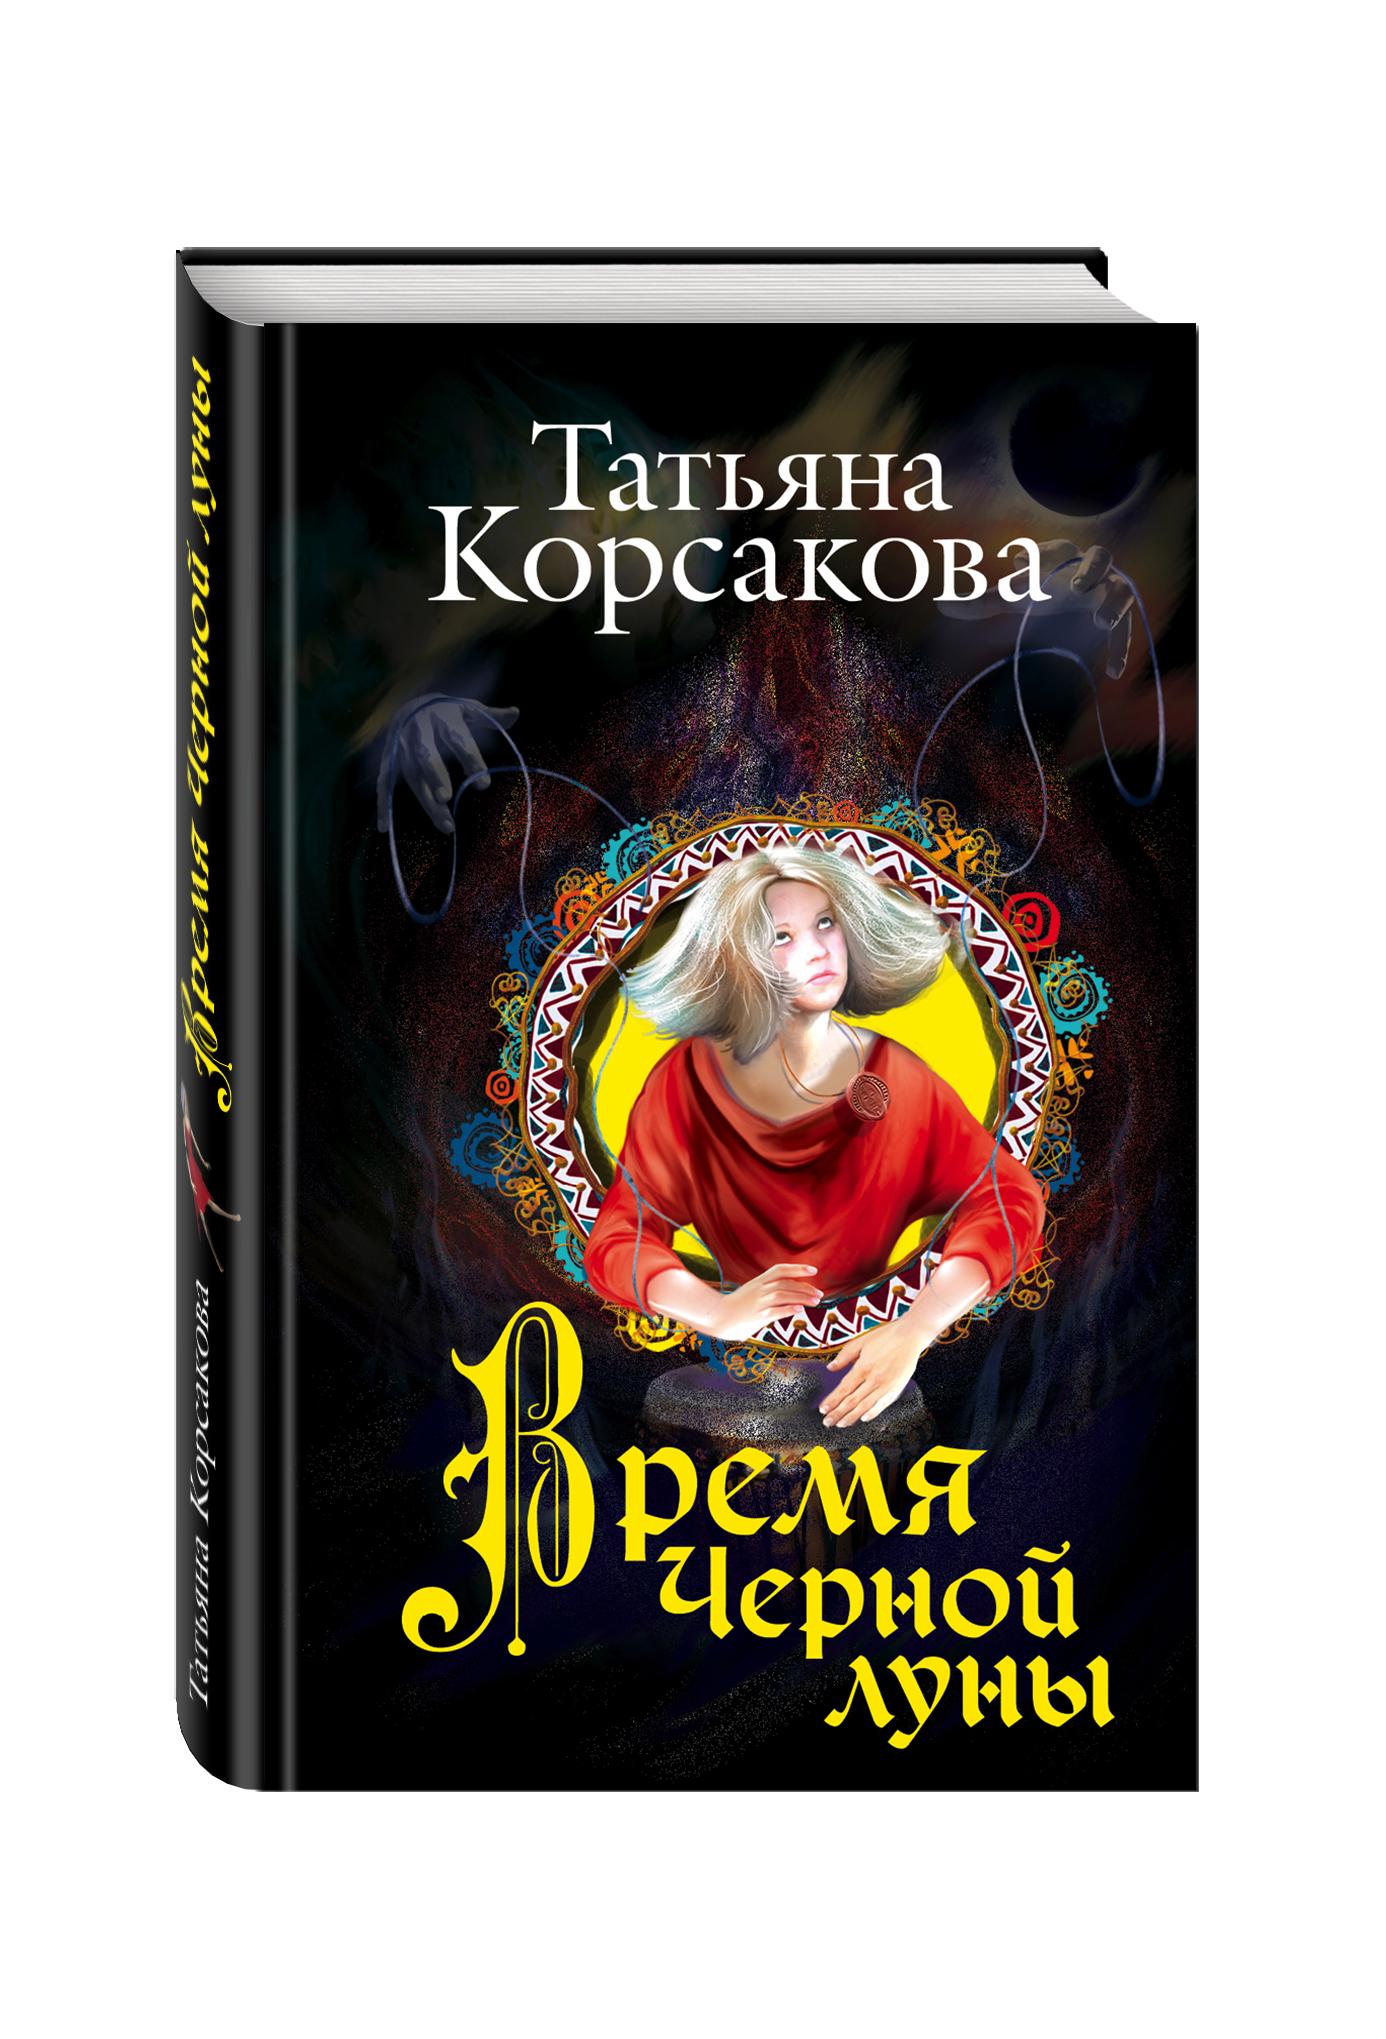 ирина шанина девятый год черной луны Корсакова Т. Время Черной луны